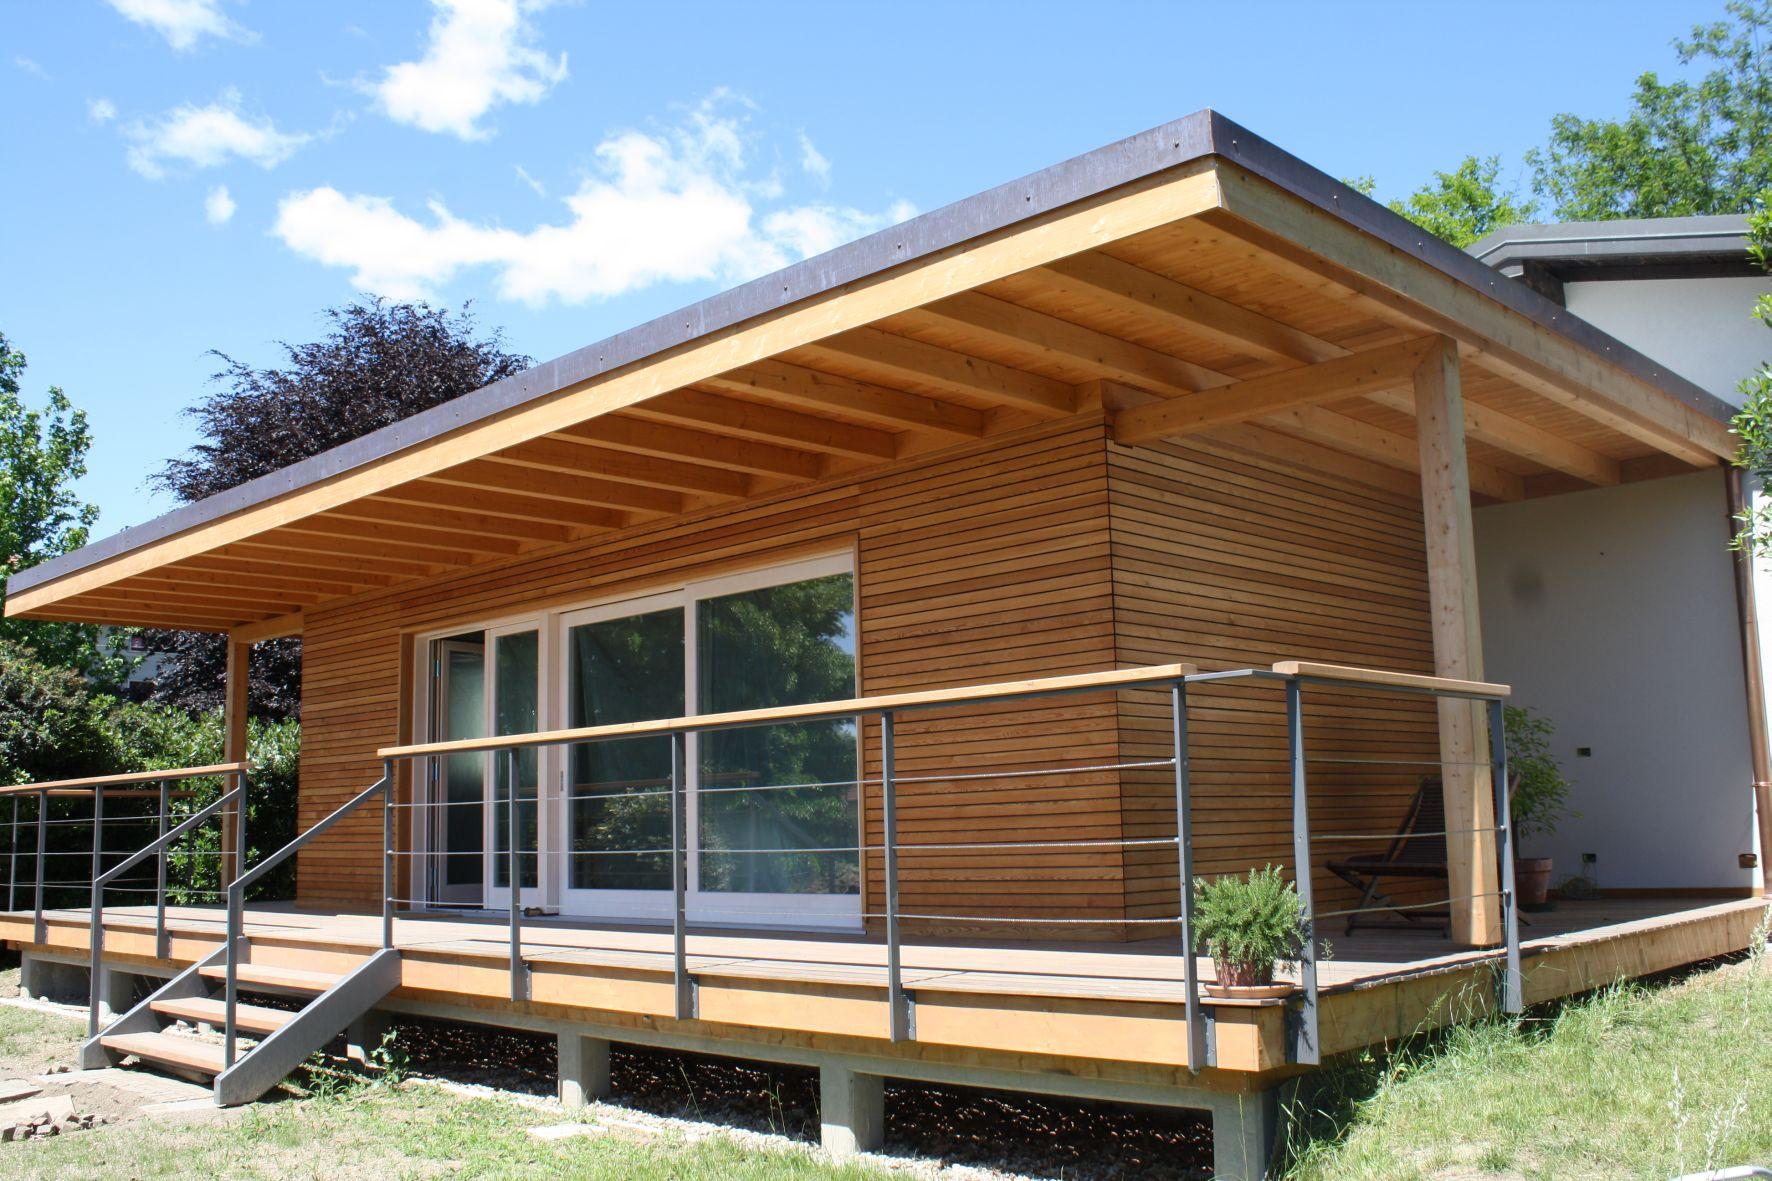 La casa parassita nuova frontiera dell abitare sostenibile foto meteo web - Costi per costruire una casa ...